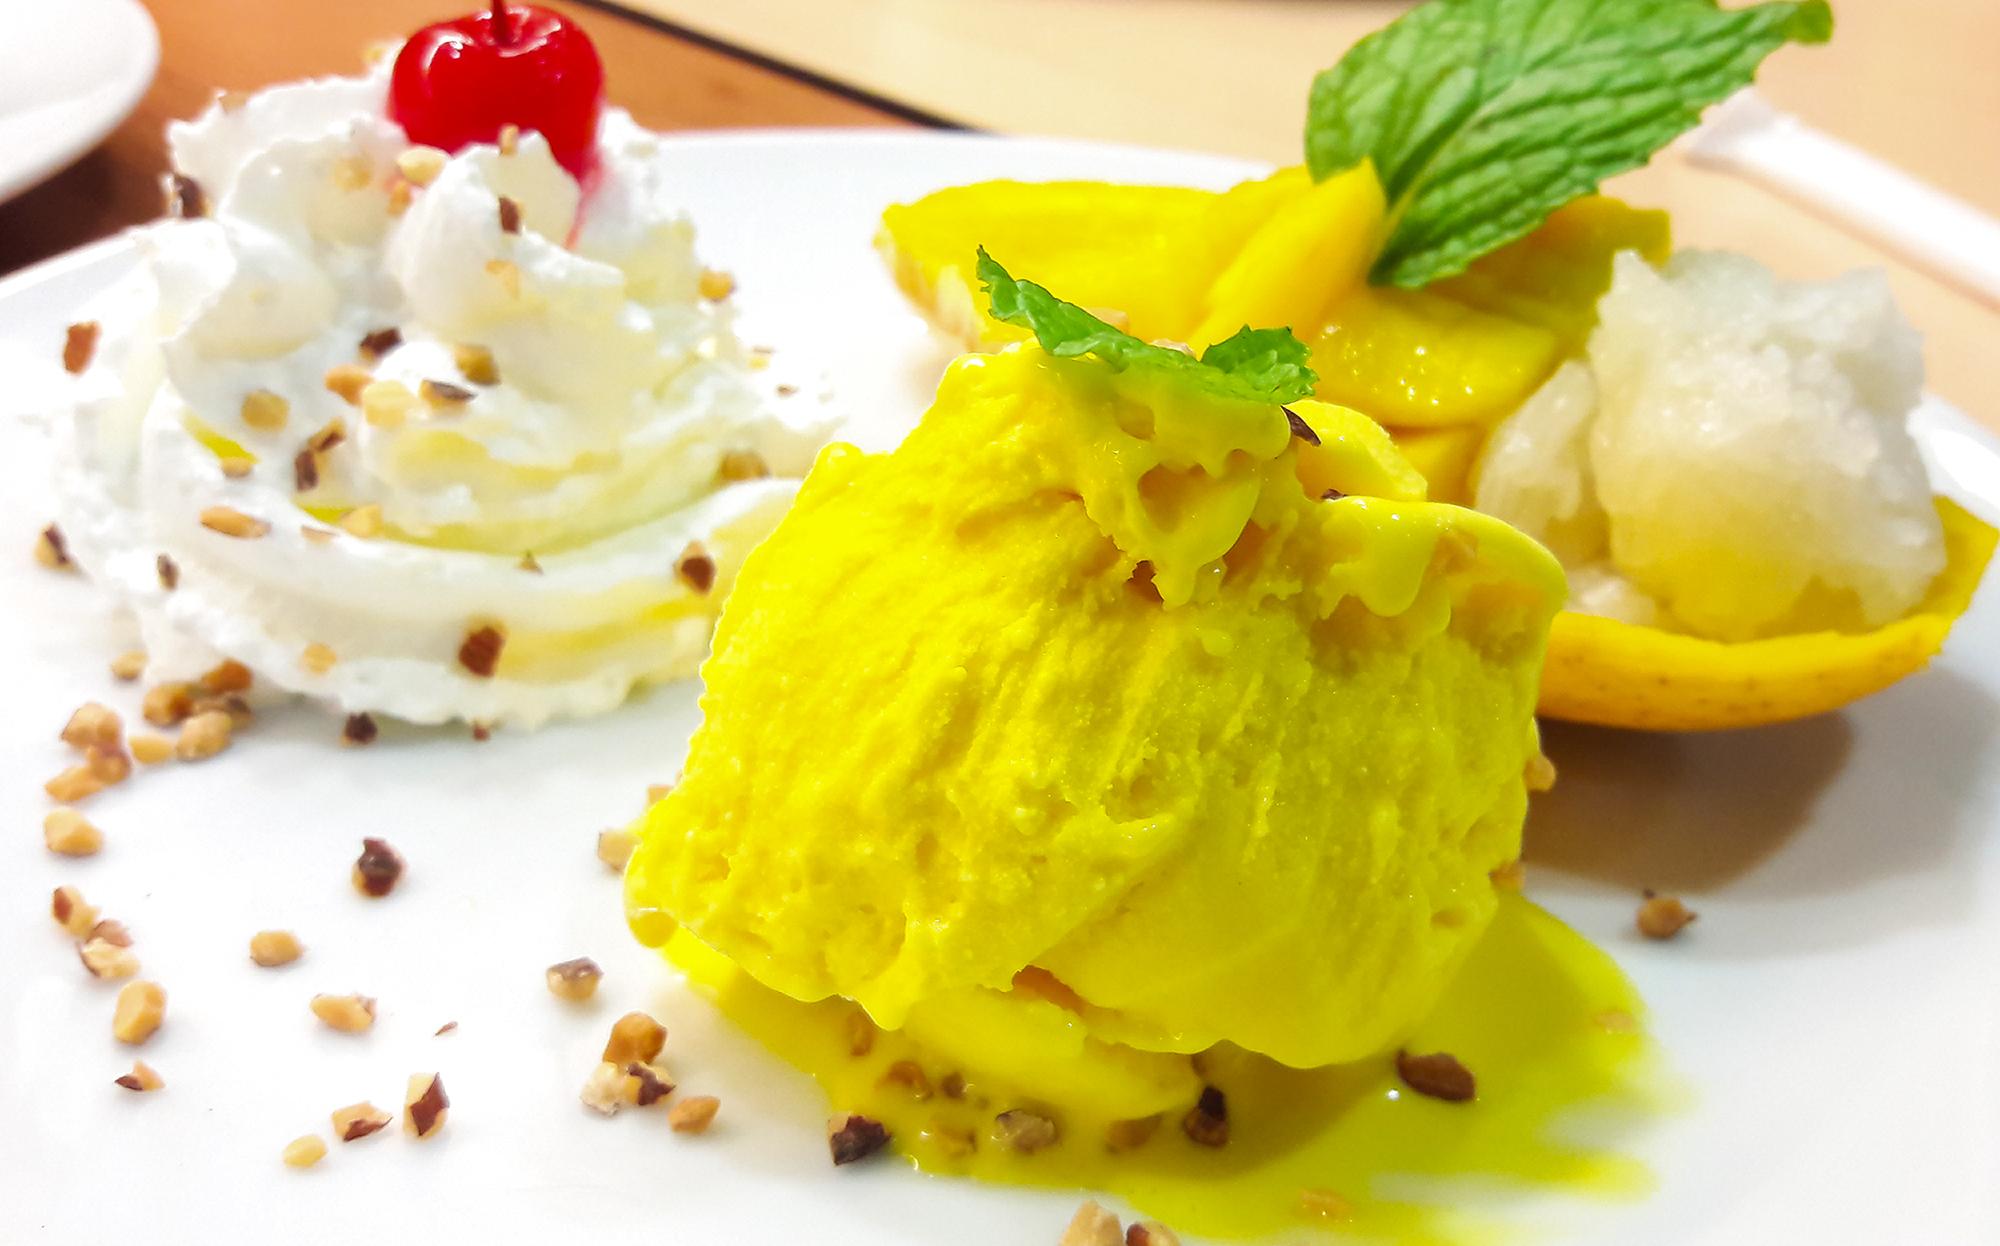 ข้าวเหนียวมะม่วงและไอศกรีม  Thai Chef Express ท่าอากาศยานสุวรรณภูมิ 20160310 164624